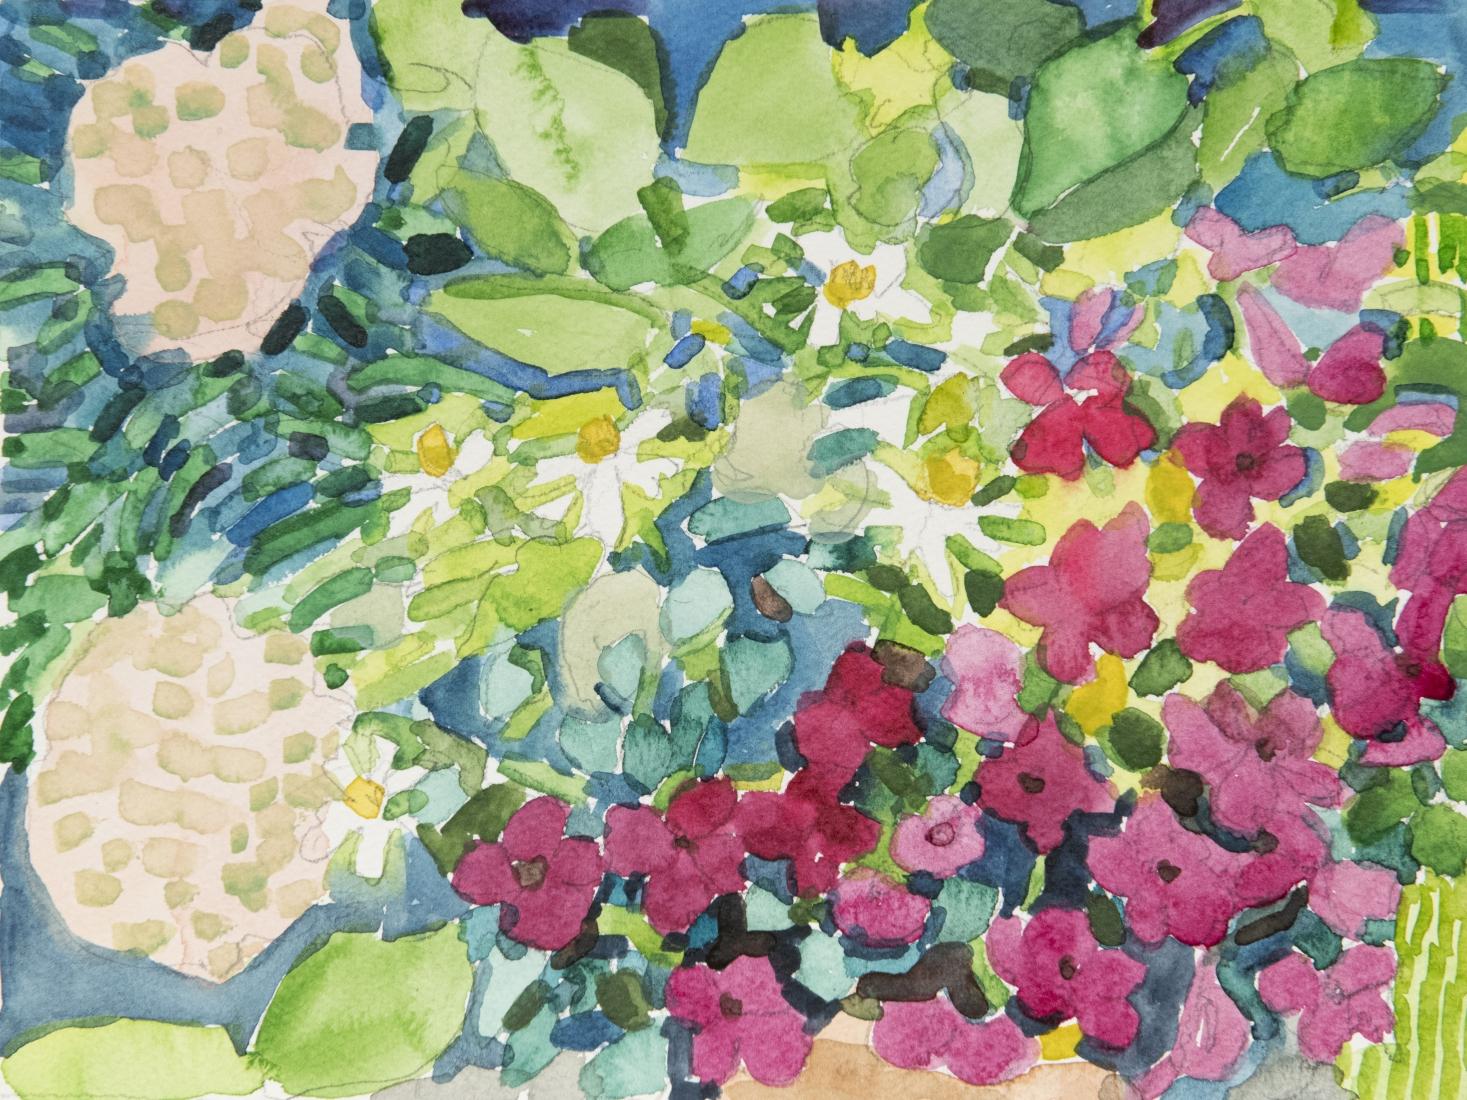 Pamela Sztybel (American, b. 1956) Flowers 3, 2020    Watercolor on paper 9 x 12 in. (22.9 x 30.5 cm)